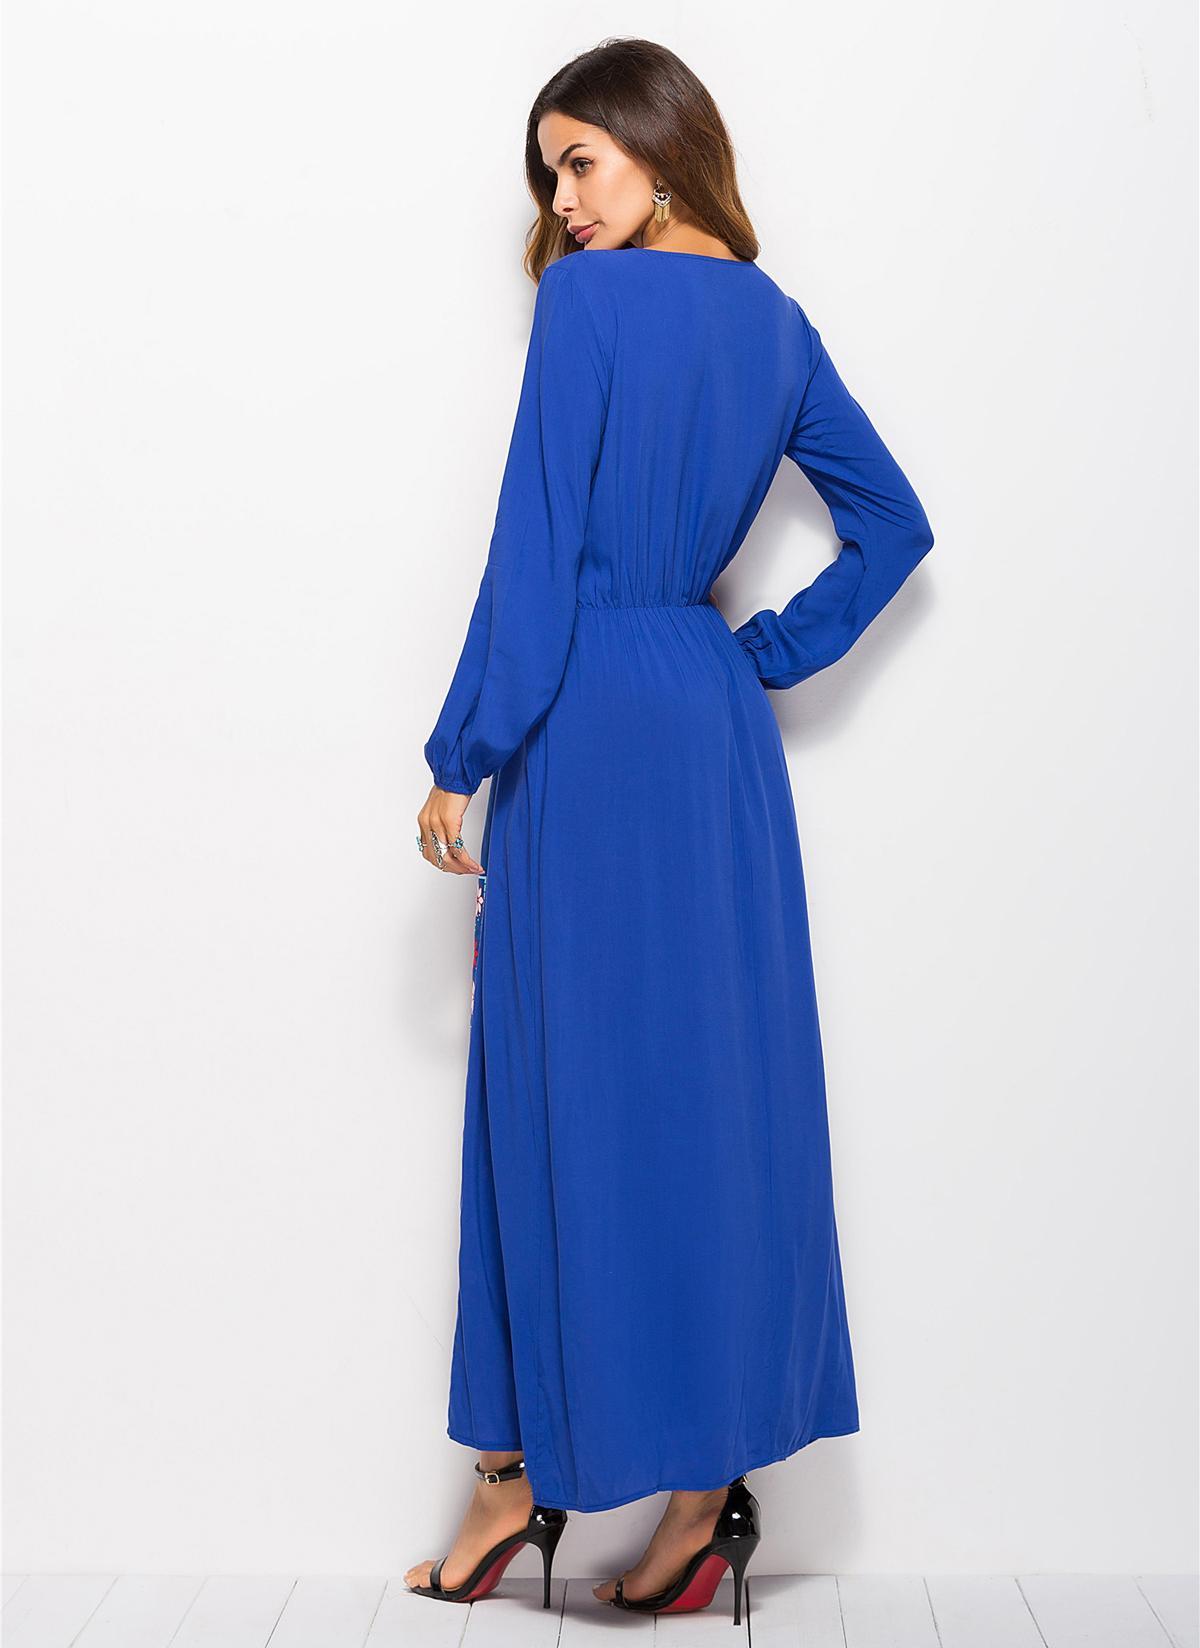 Image 5 - Stylish Muslim Abaya Print Maxi Dress Long Sleeve Long Dress  Ethnic Kimono Dresses Ramadan Middle East Arabic Islamic  ClothingIslamic Clothing